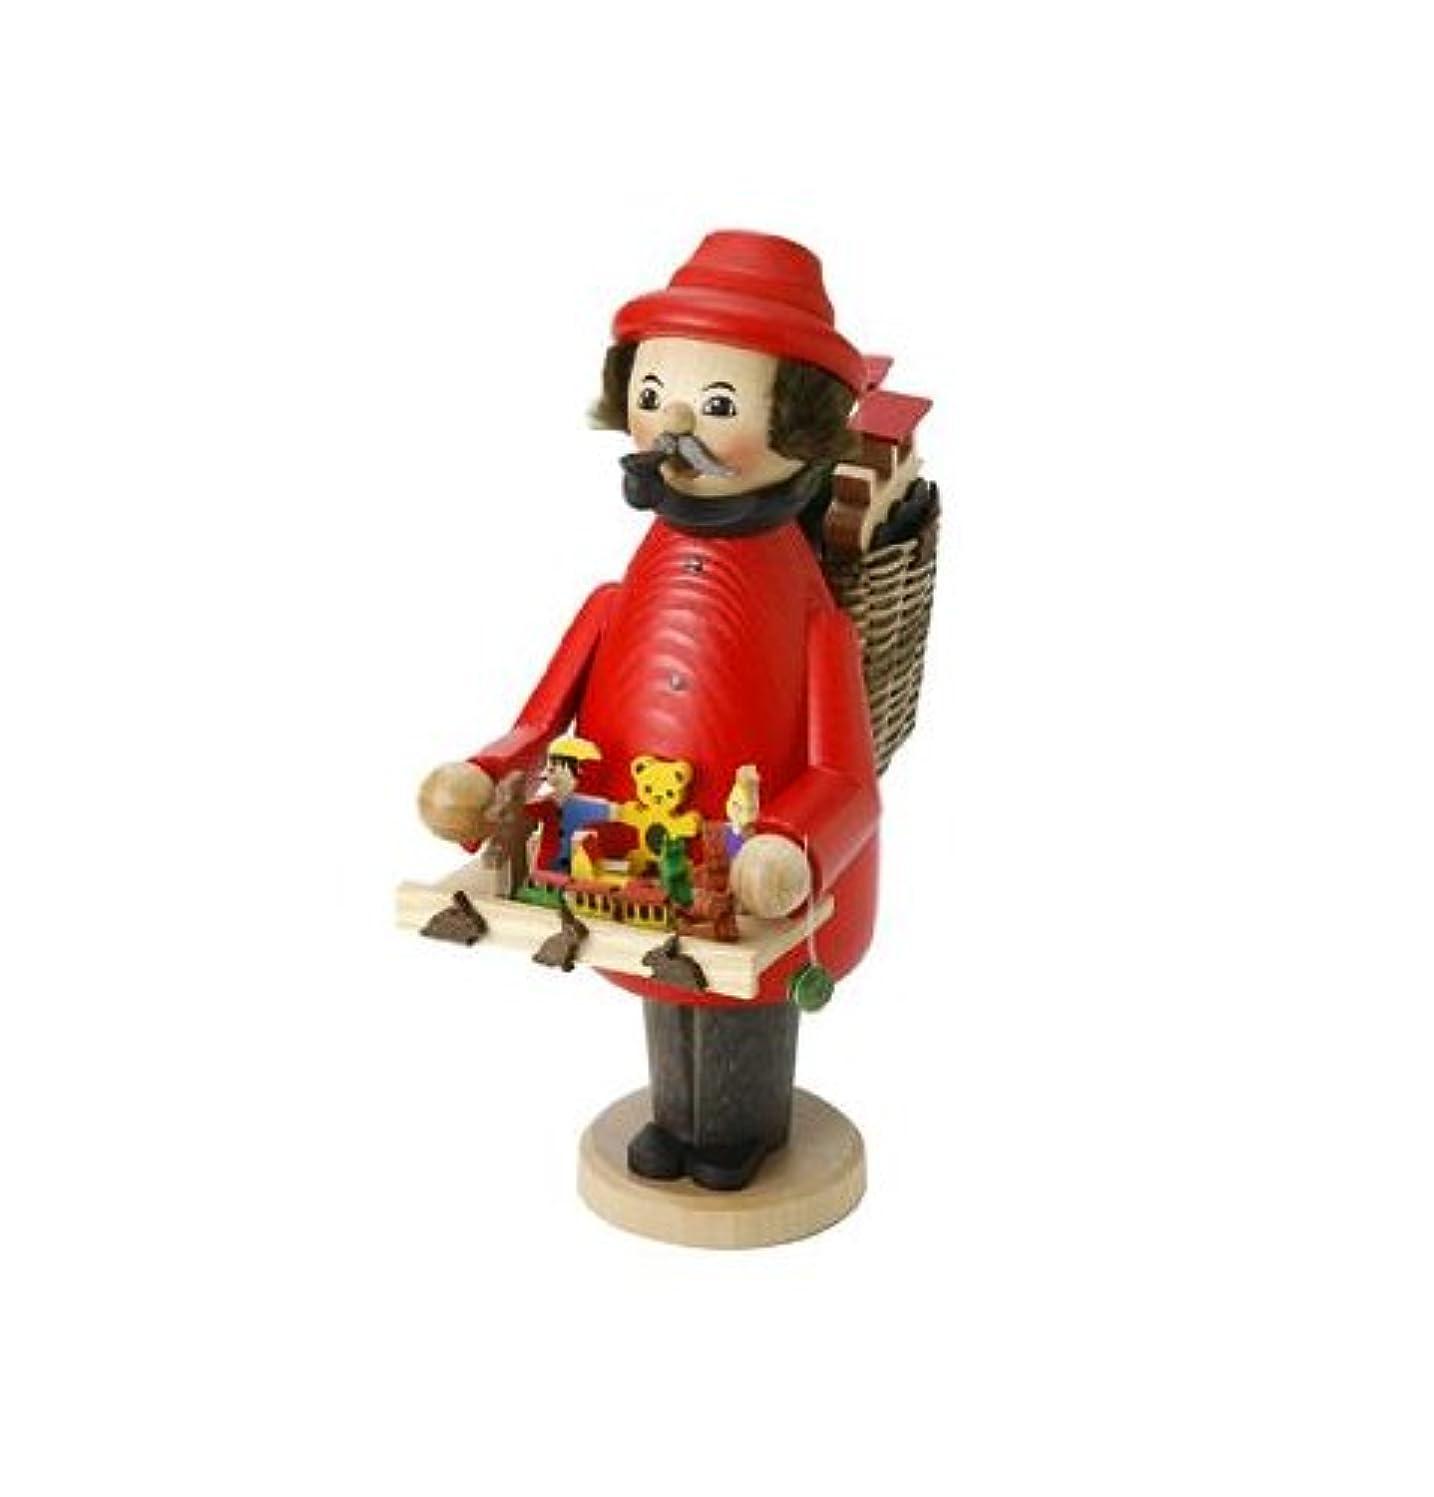 シート区別刻むミニパイプ人形香炉 おもちゃ売り